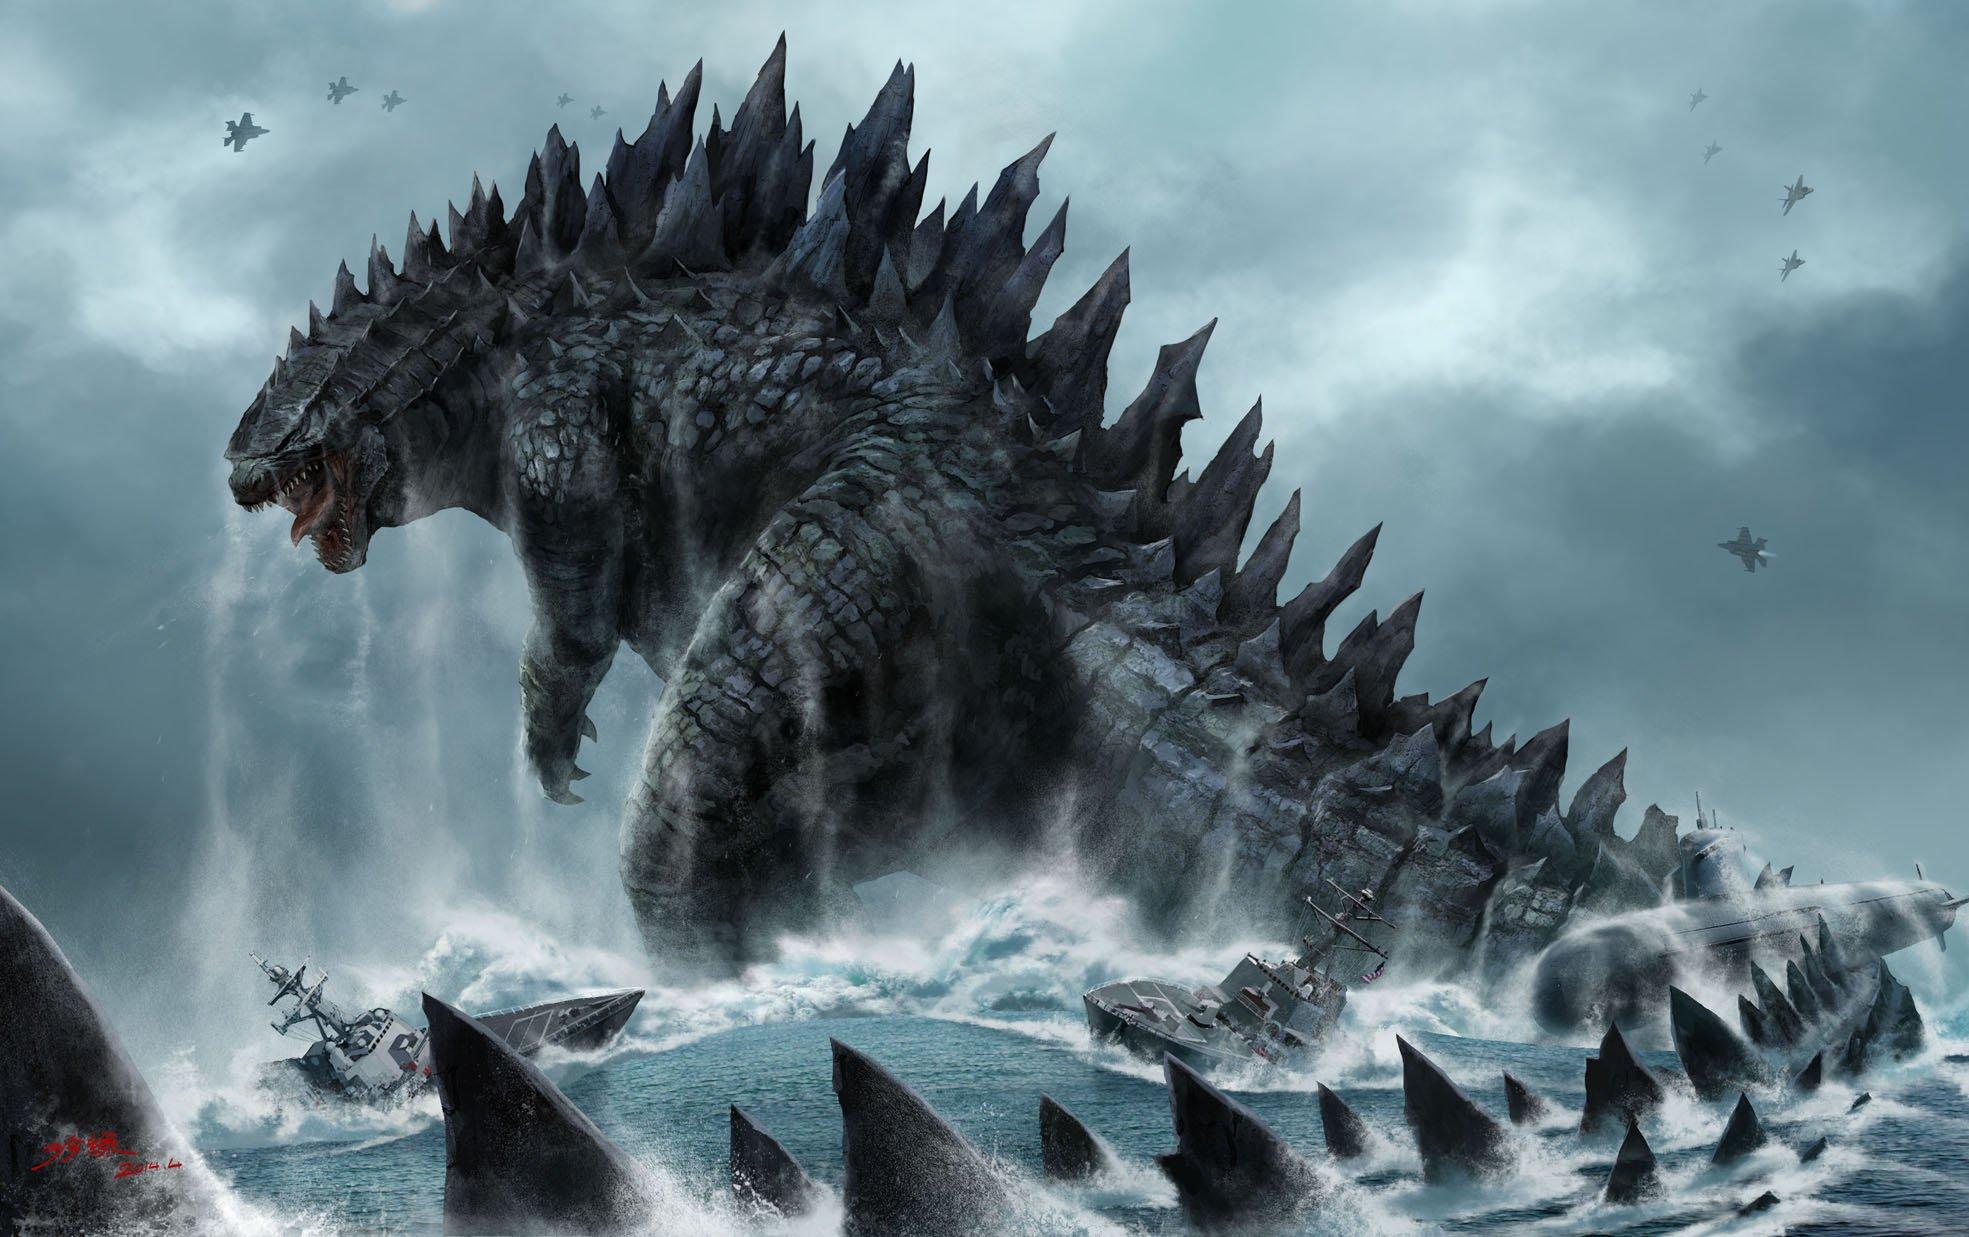 Godzilla Wallpaper Latest Hd Wallpapers 1969x1237